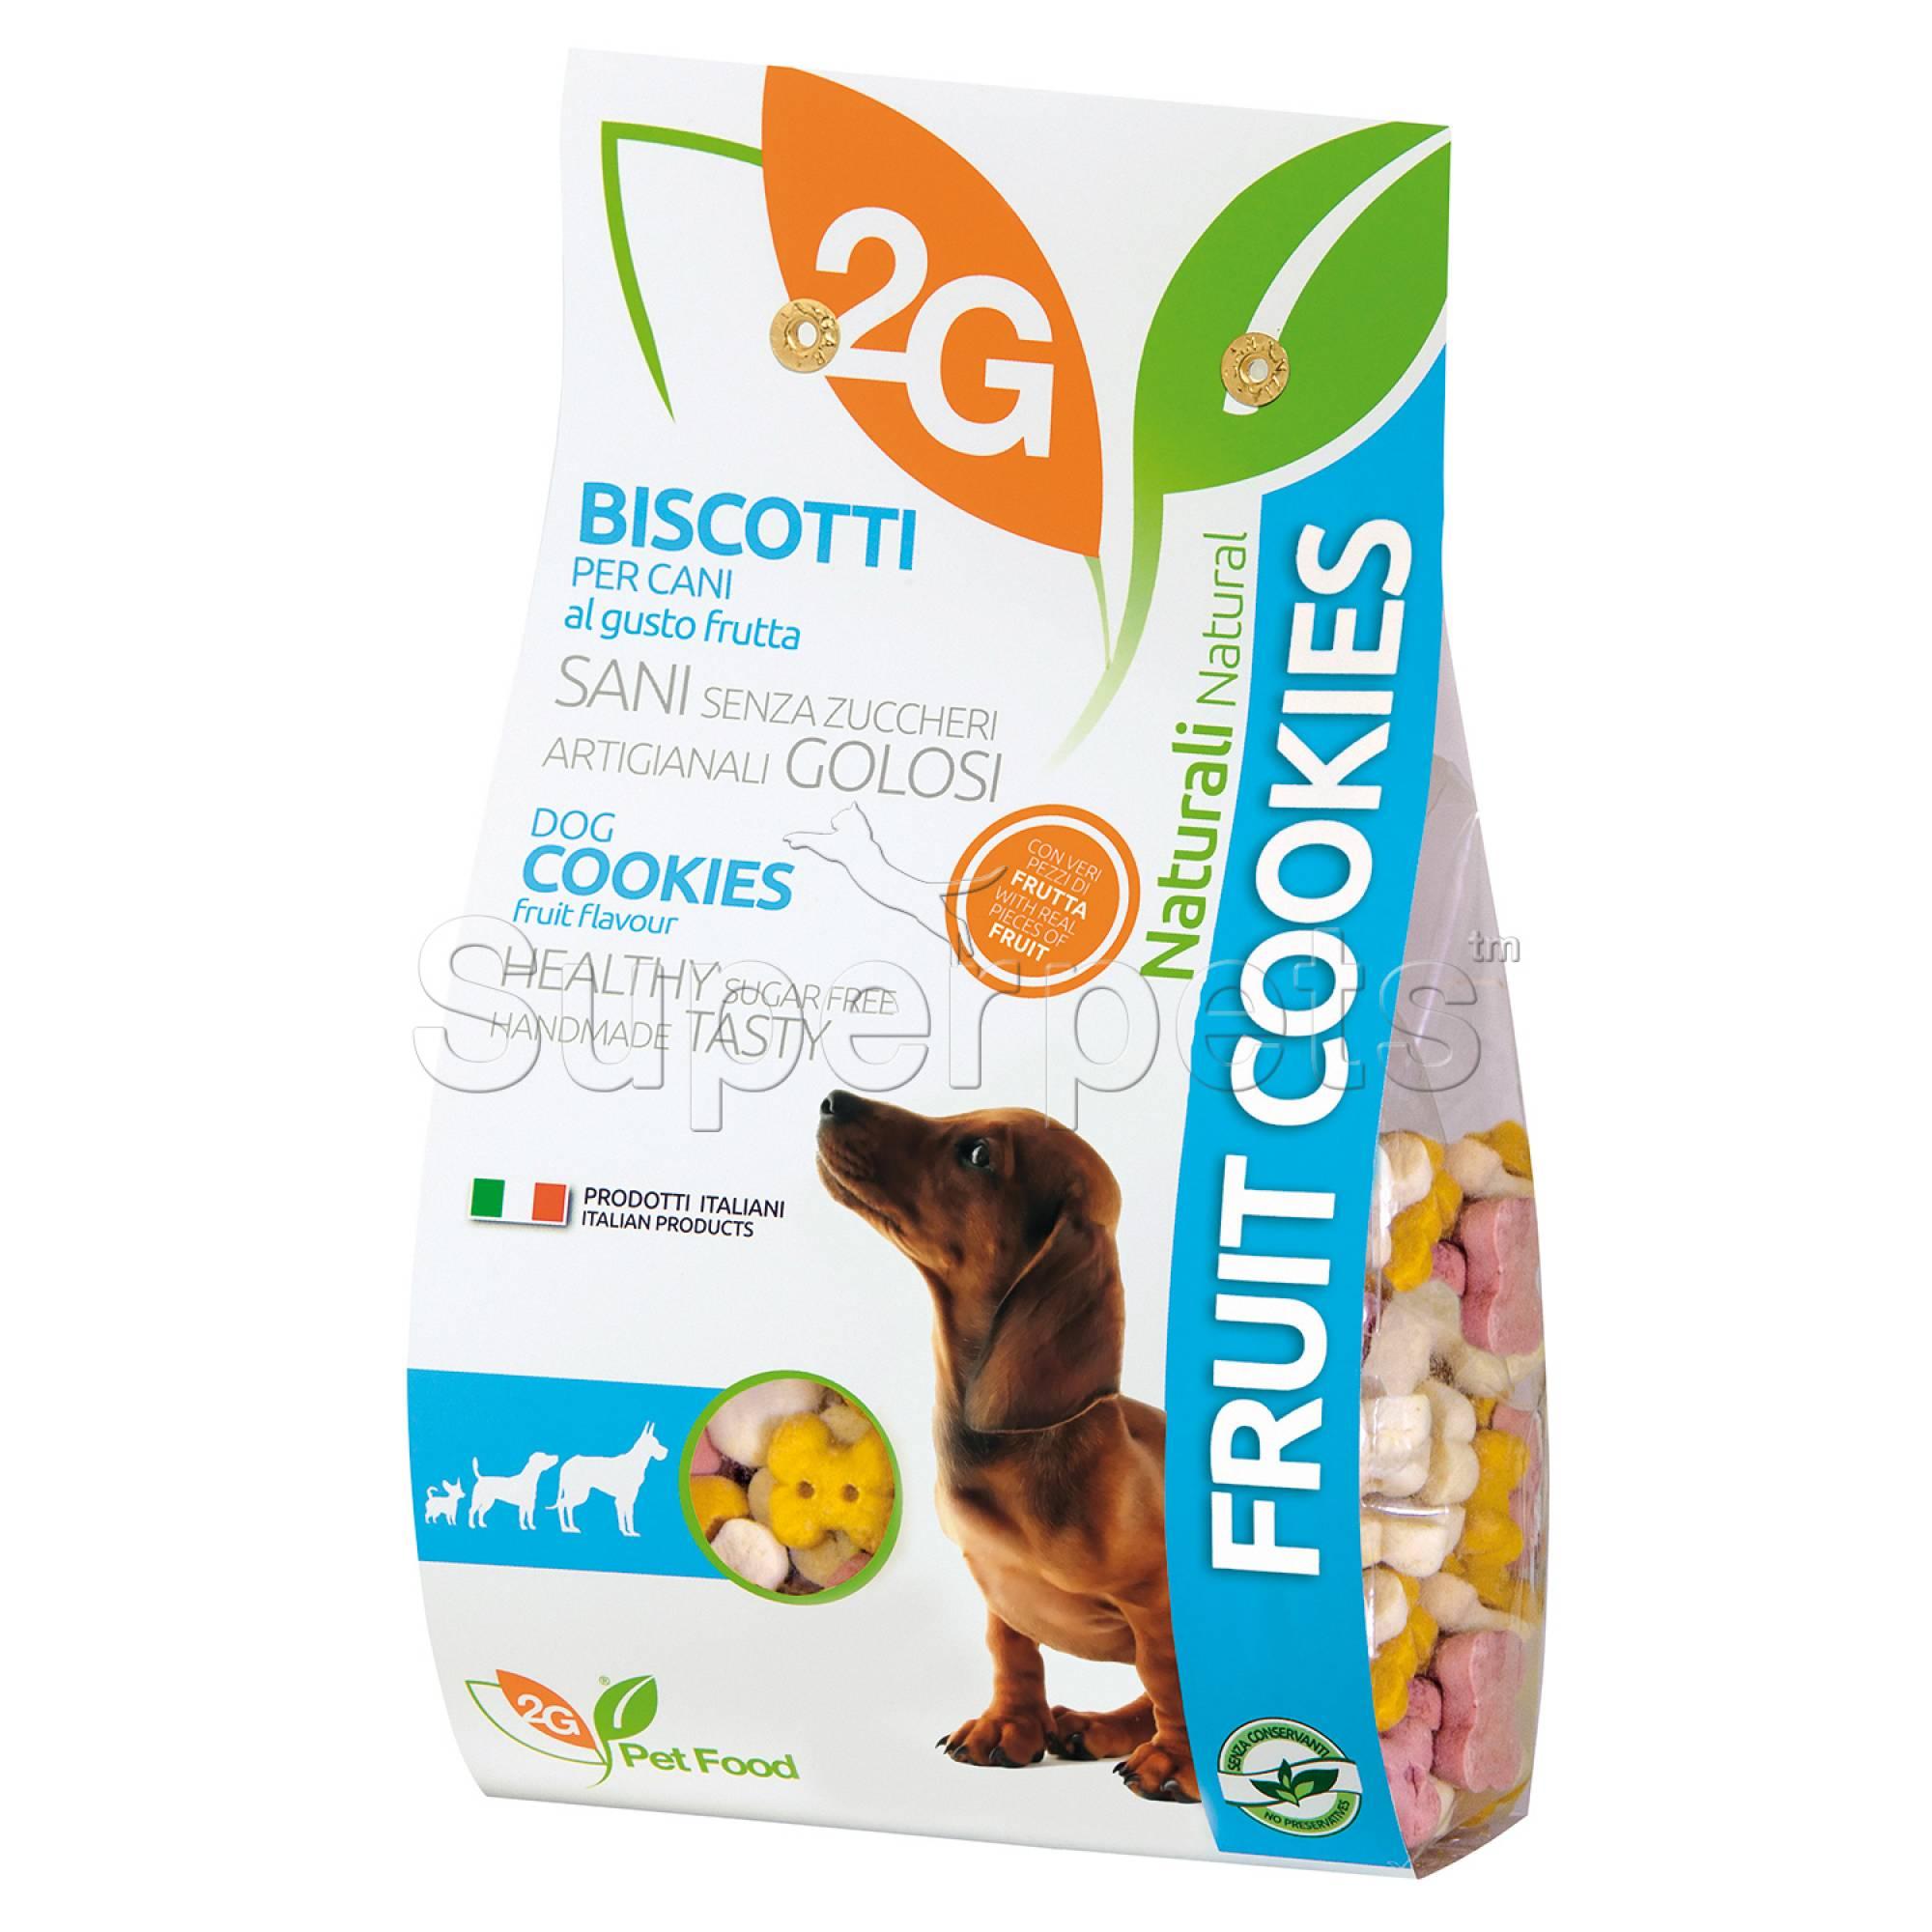 2G Pet Food - Mixed Fruit Dog Cookies 350g